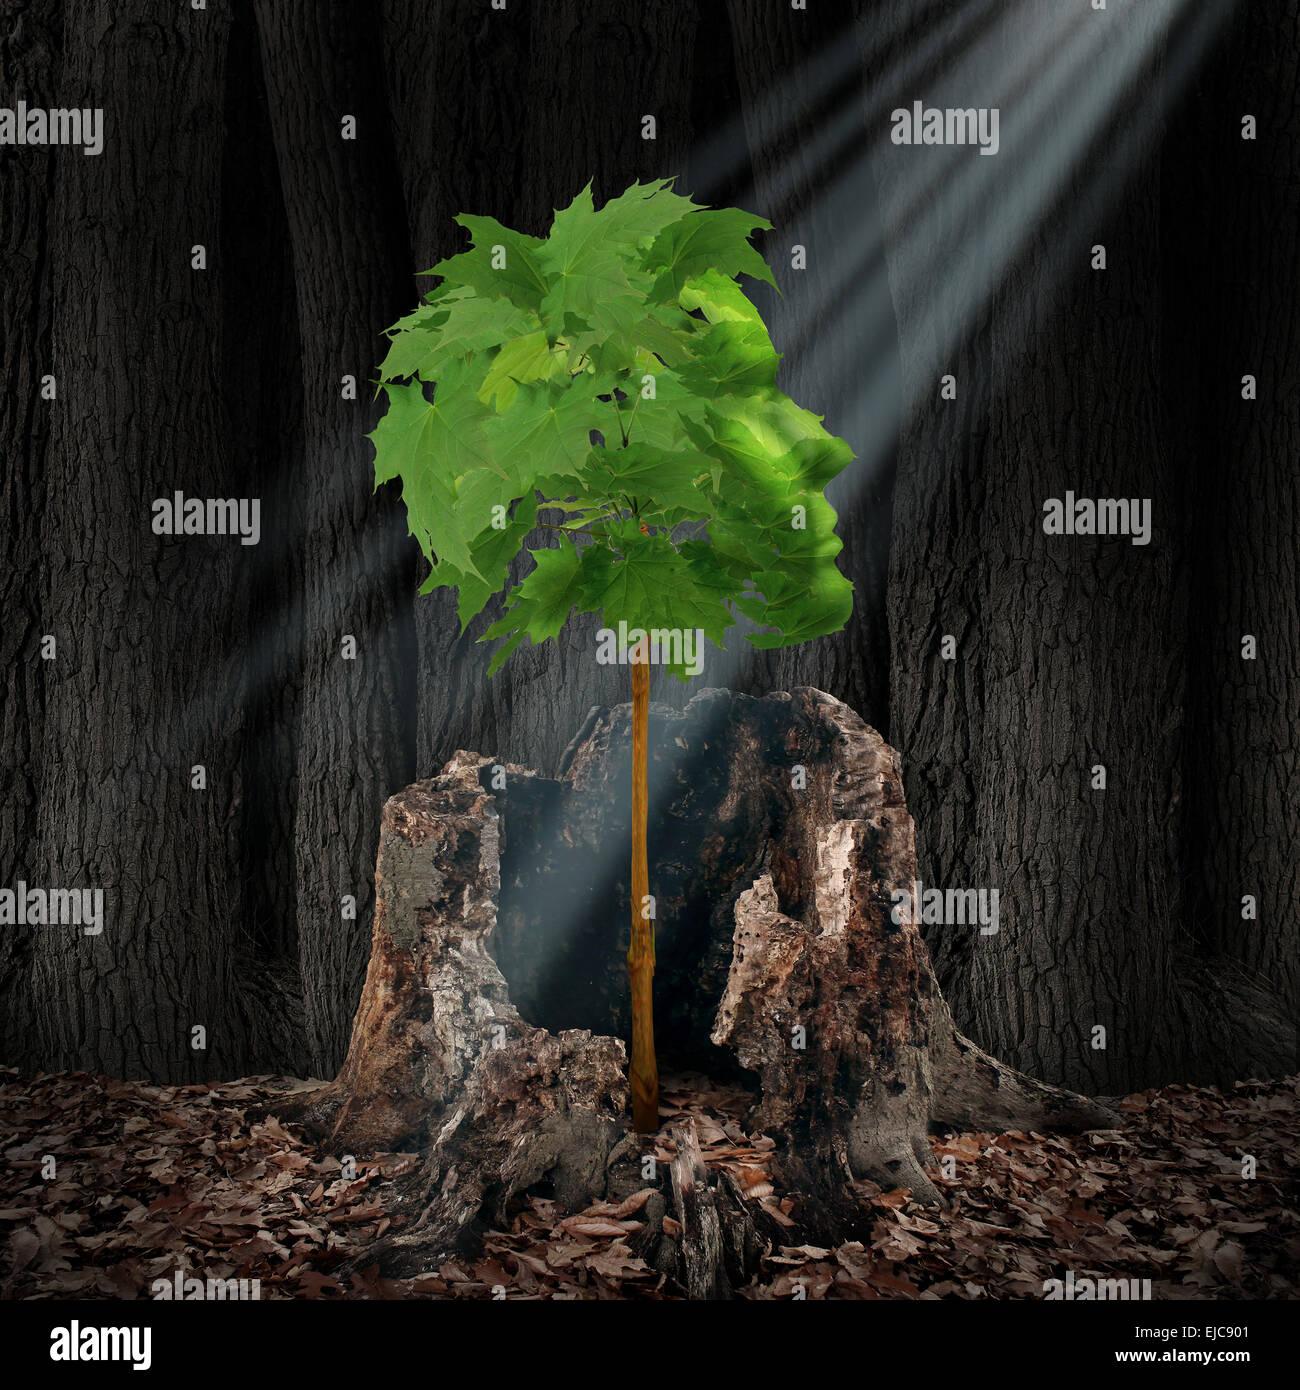 Rinnovamento di vita e il concetto di recupero come una foglia verde a forma di albero come una testa umana crescente Immagini Stock